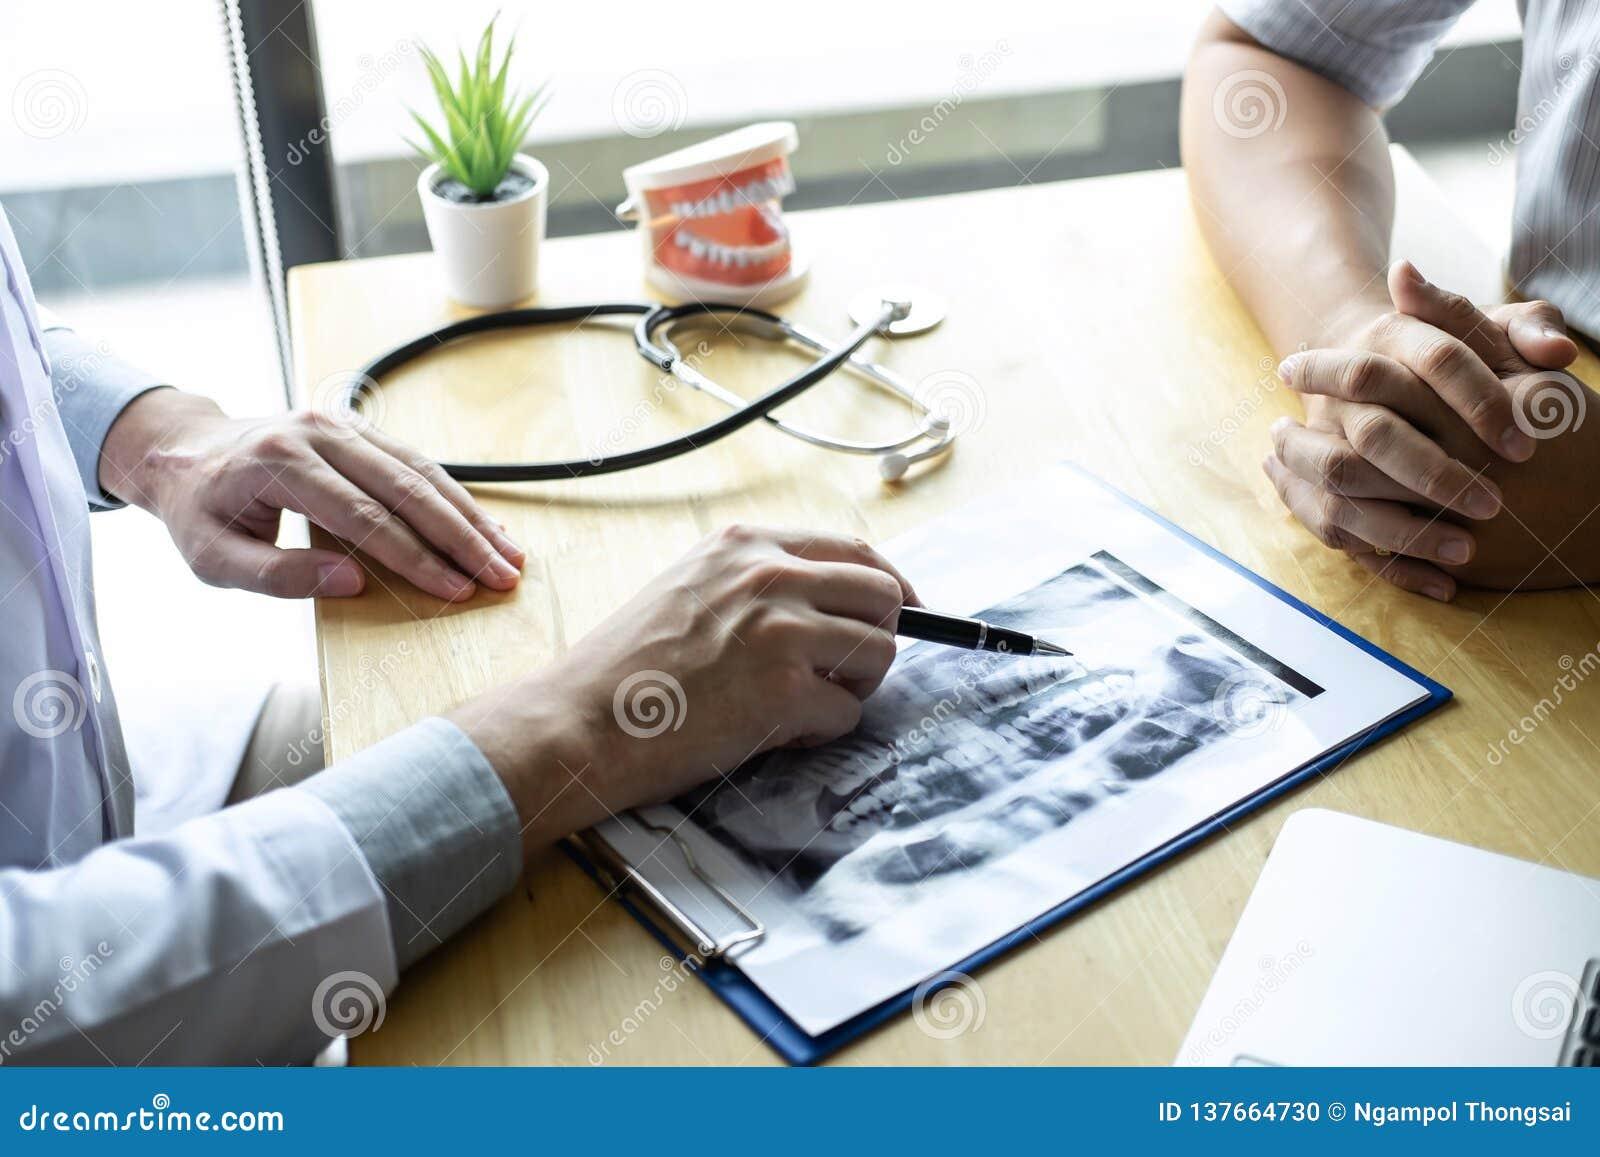 Изображение доктора или дантист представляя с фильмом рентгеновского снимка зуба рекомендуют терпеливое в обработке зубоврачебног